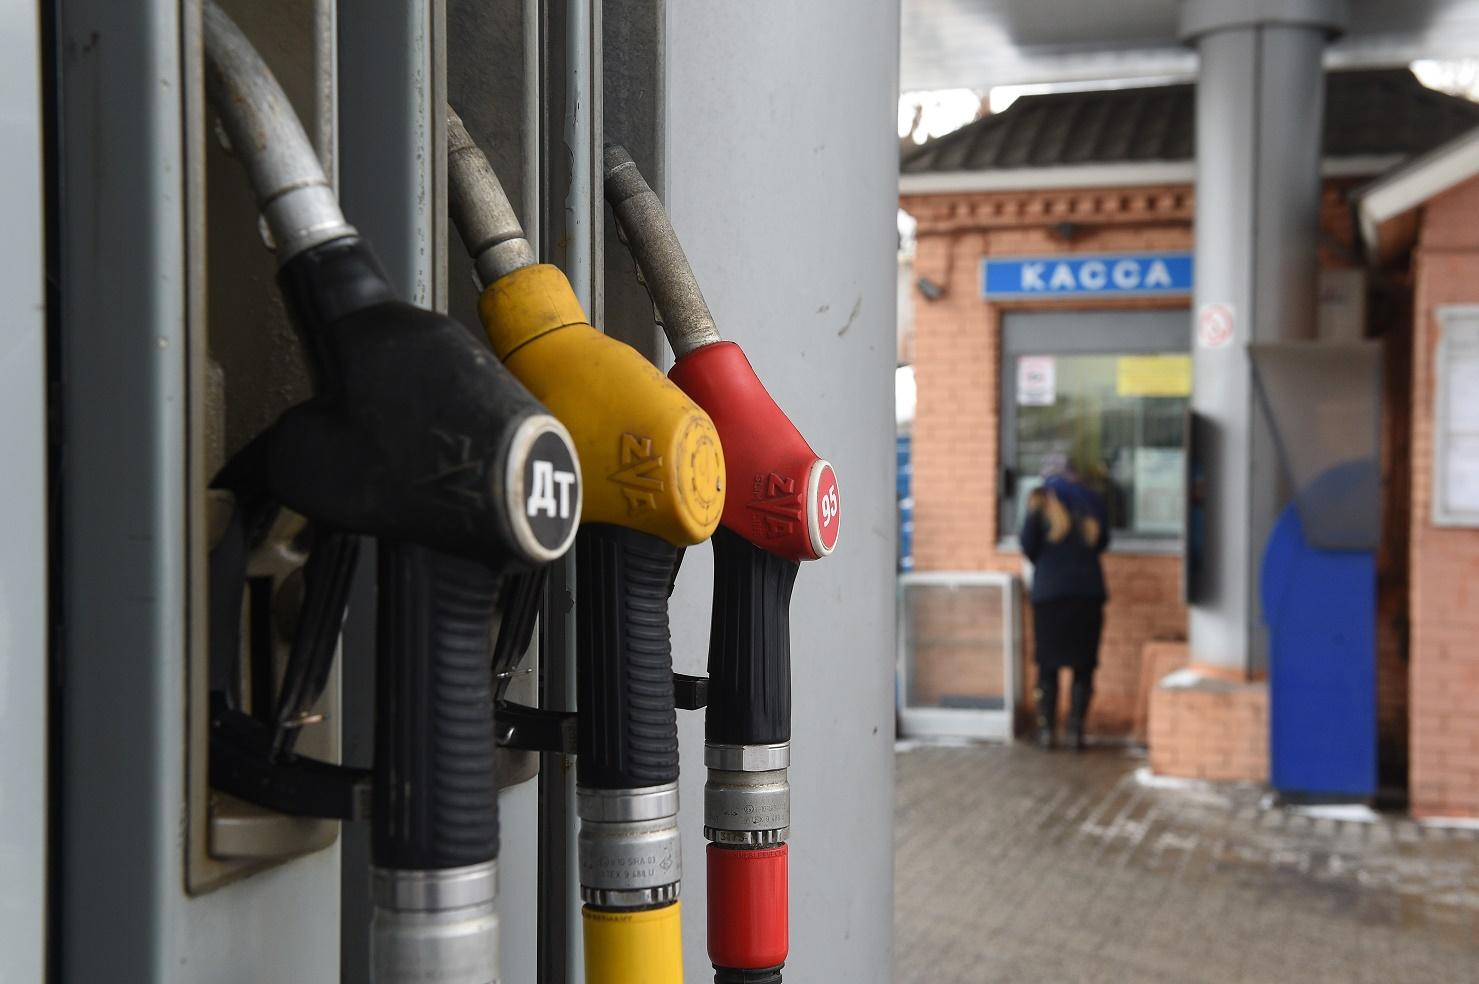 Козак проинформировал о заморозке цен набензин в РФ